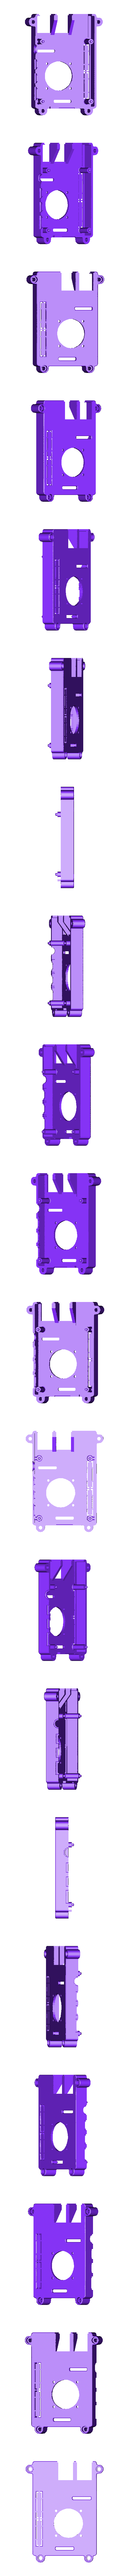 STANDARD_30MM_SLOTTED_BLANK.STL Télécharger fichier STL gratuit Étui Pi 4B Framboise Framboise • Objet pour imprimante 3D, mkellsy